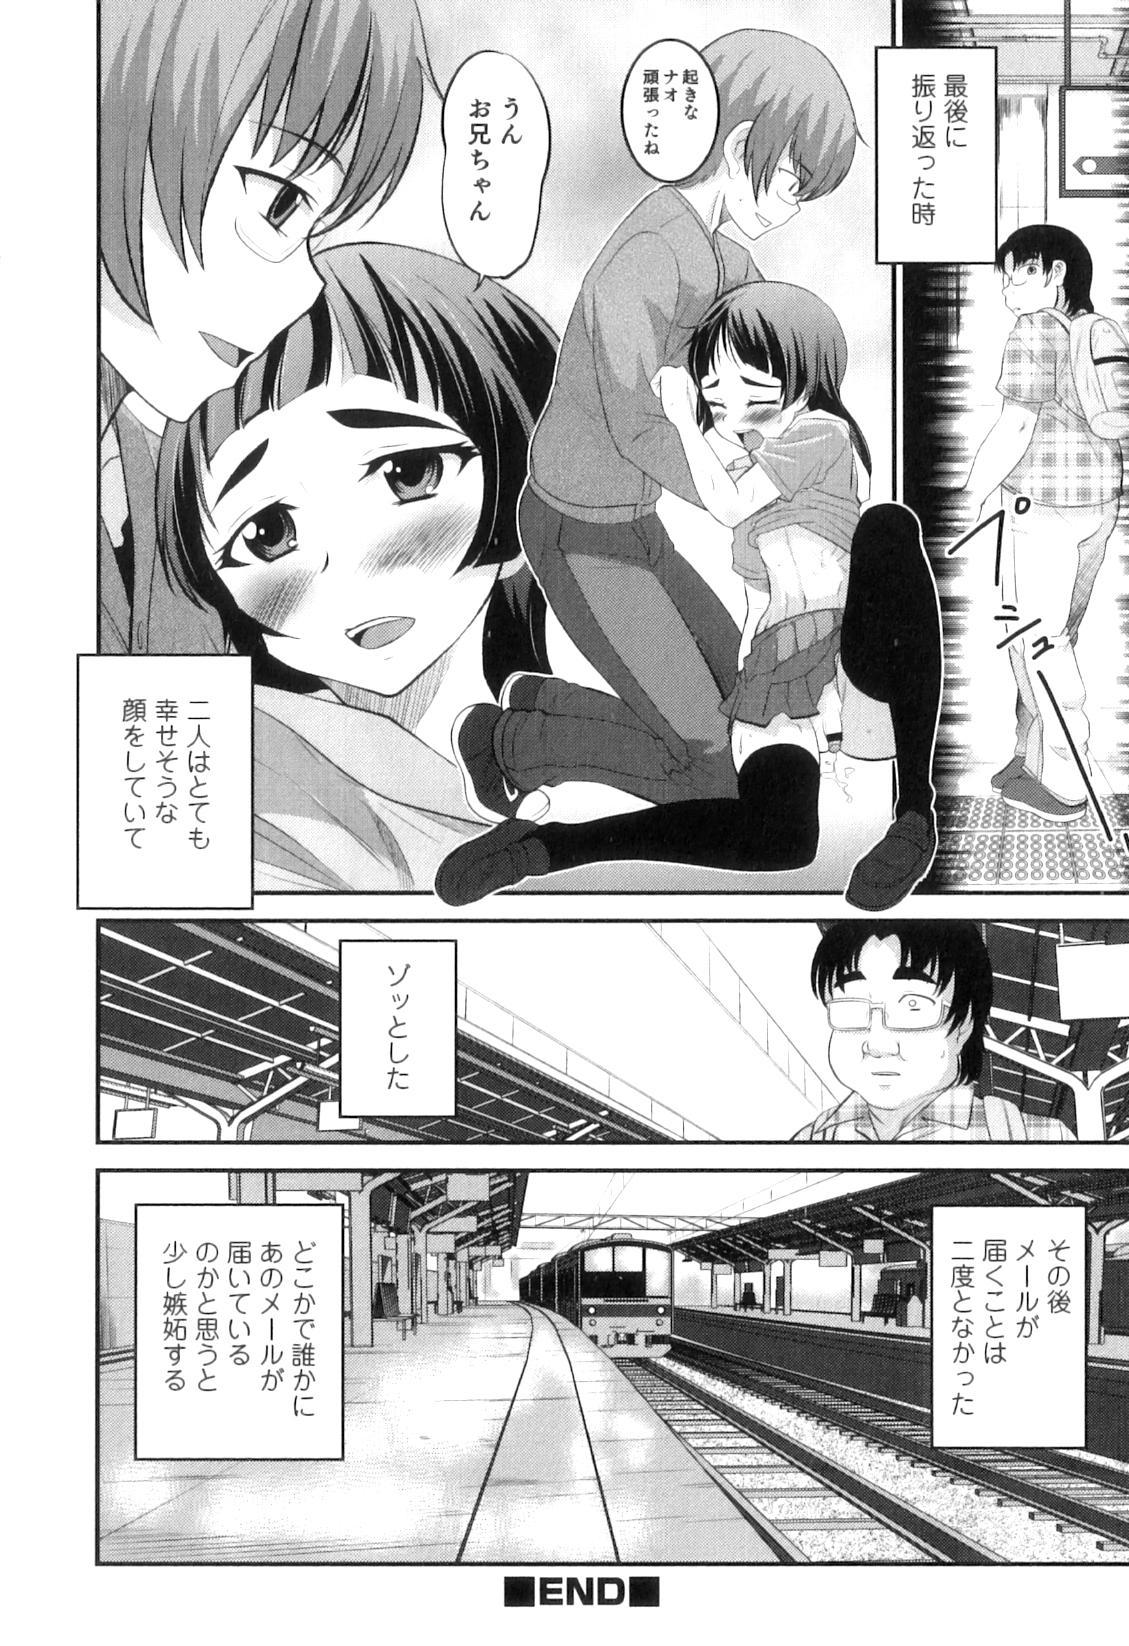 Otokonoko wa Ore no Yome 132